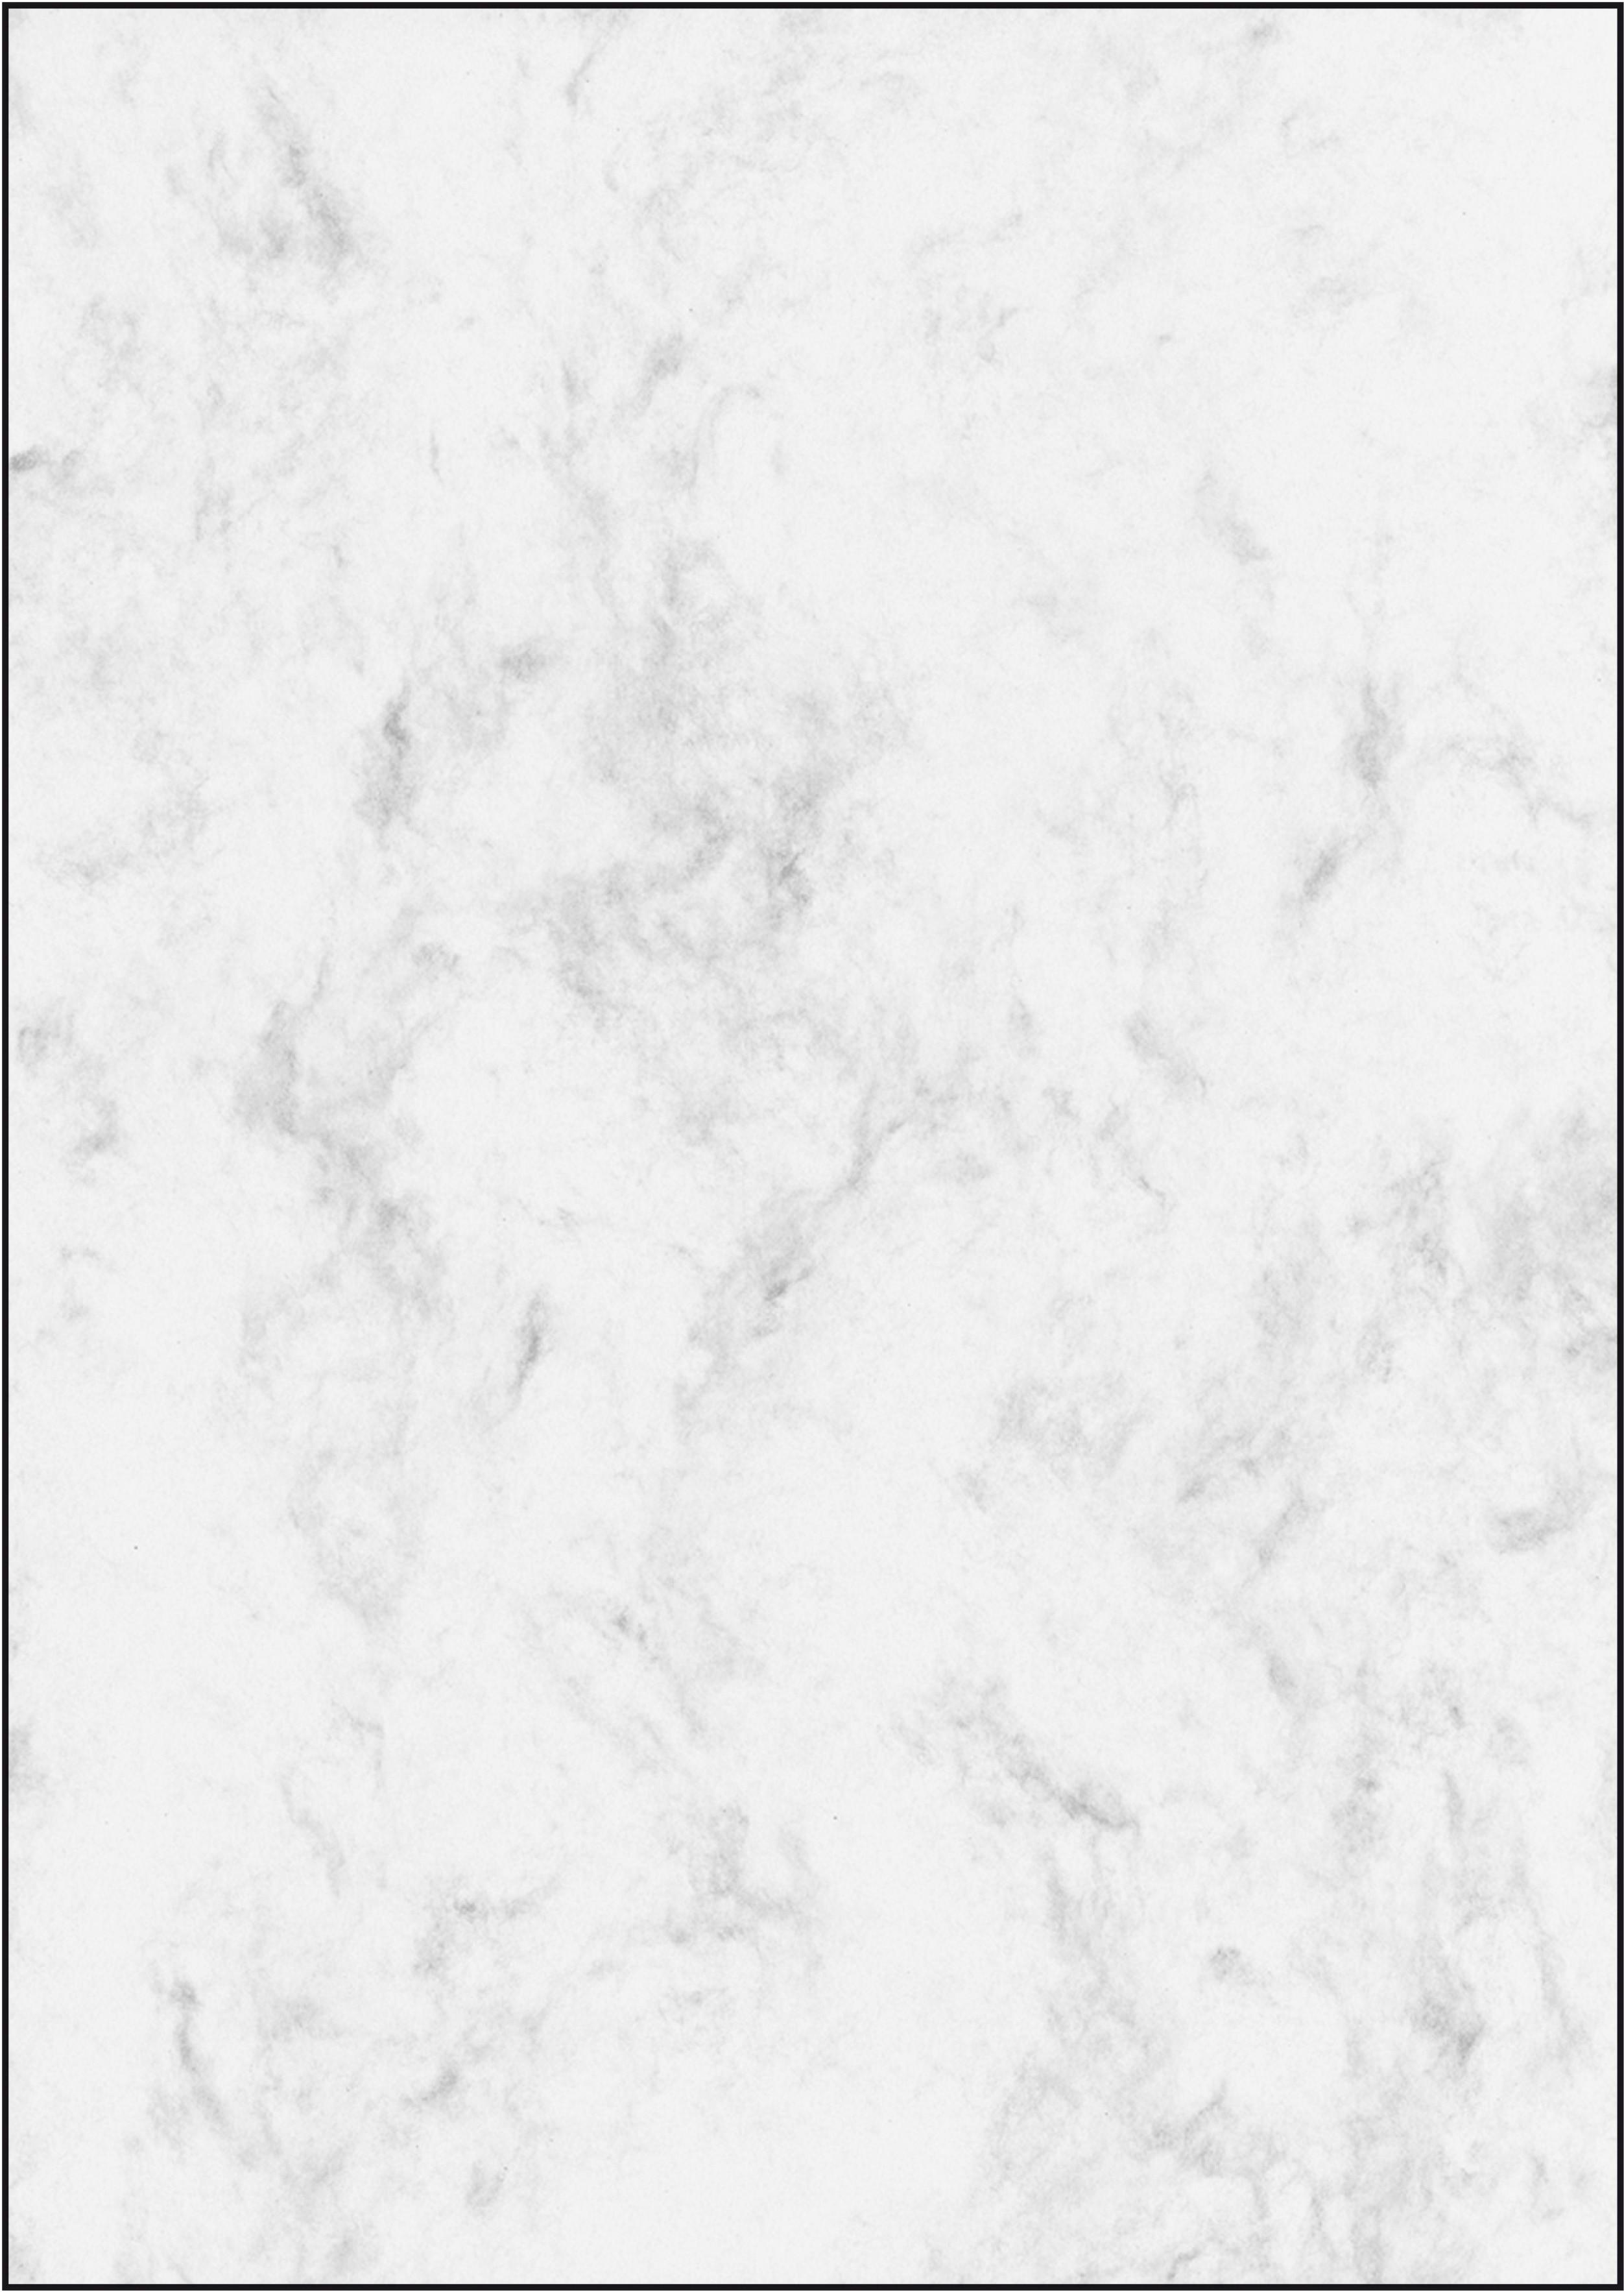 Papier créatif marbré gris